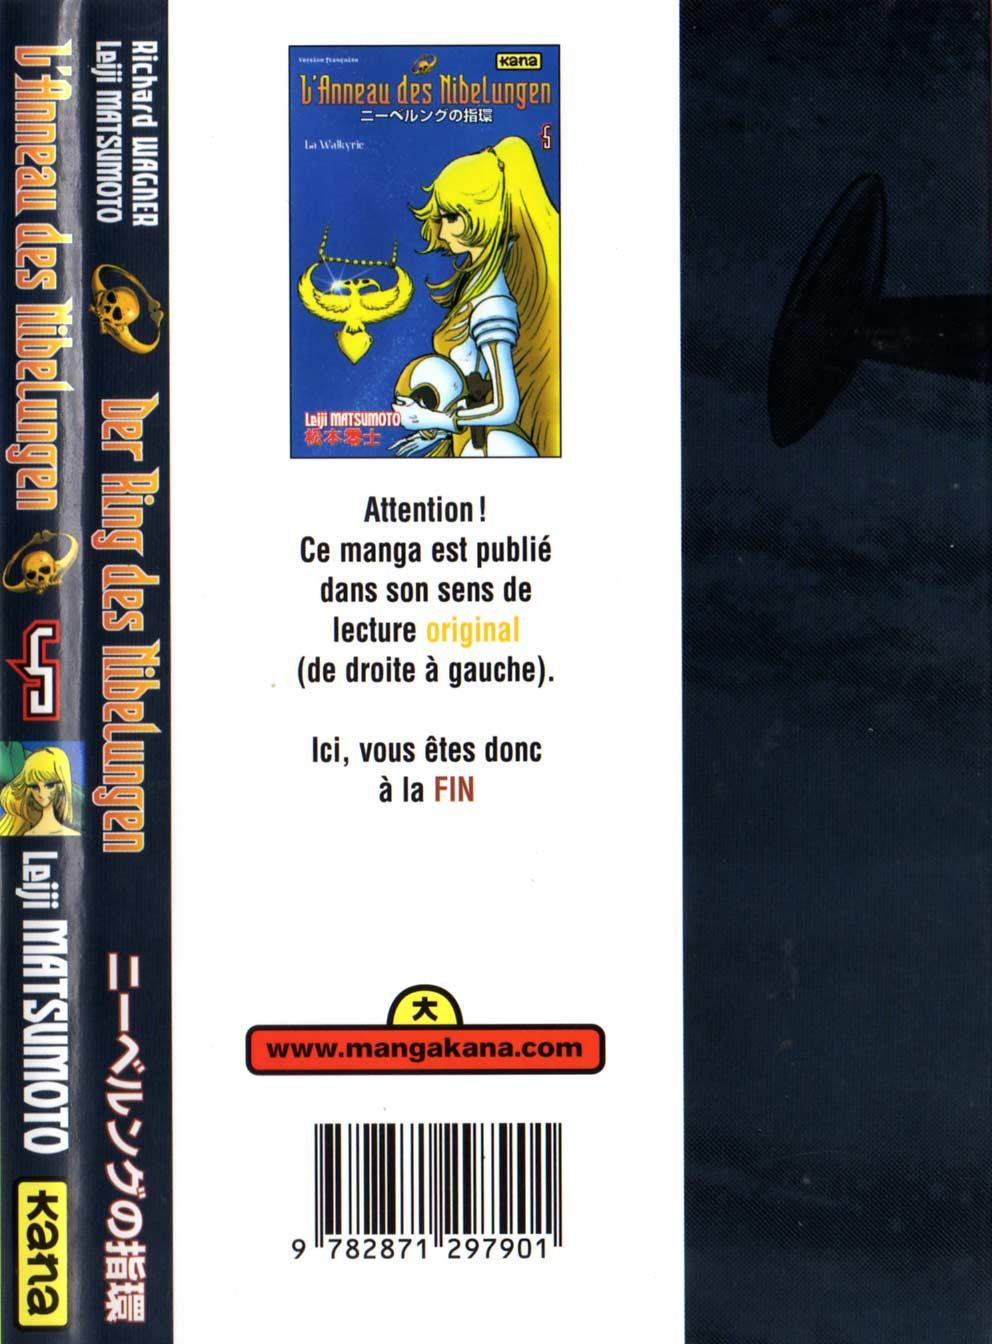 Dos de la couverture du Tome 5 : La Walkyrie (l'Anneau des Nibelungen)